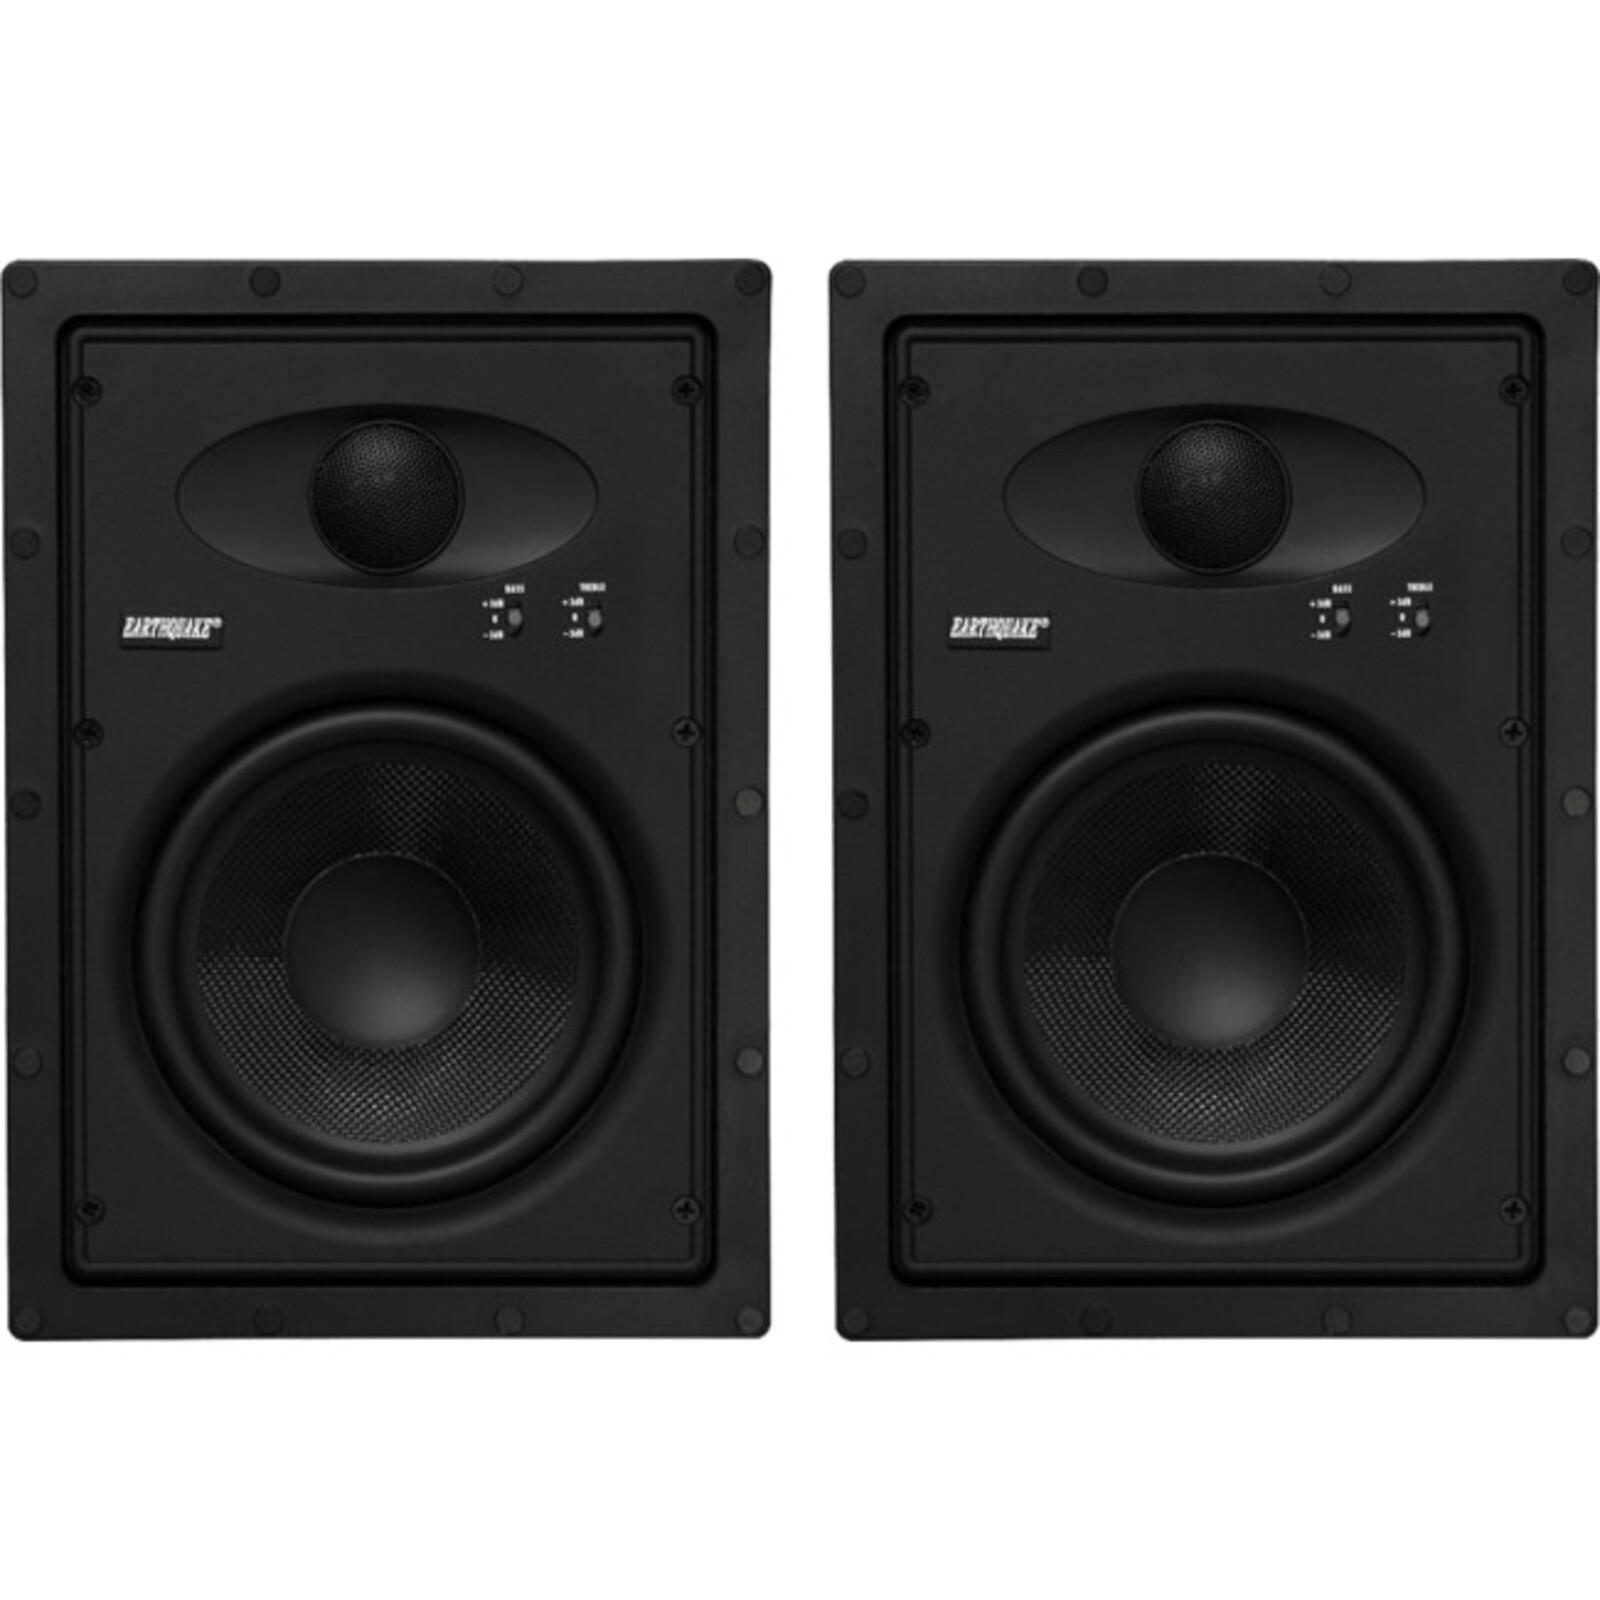 """Earthquake 6.5"""" Edgeless Inwall Speakers Frameless Design For Reduced Visibility/Seamless Blend 6.5"""" Edgeless Inwall Speakers"""